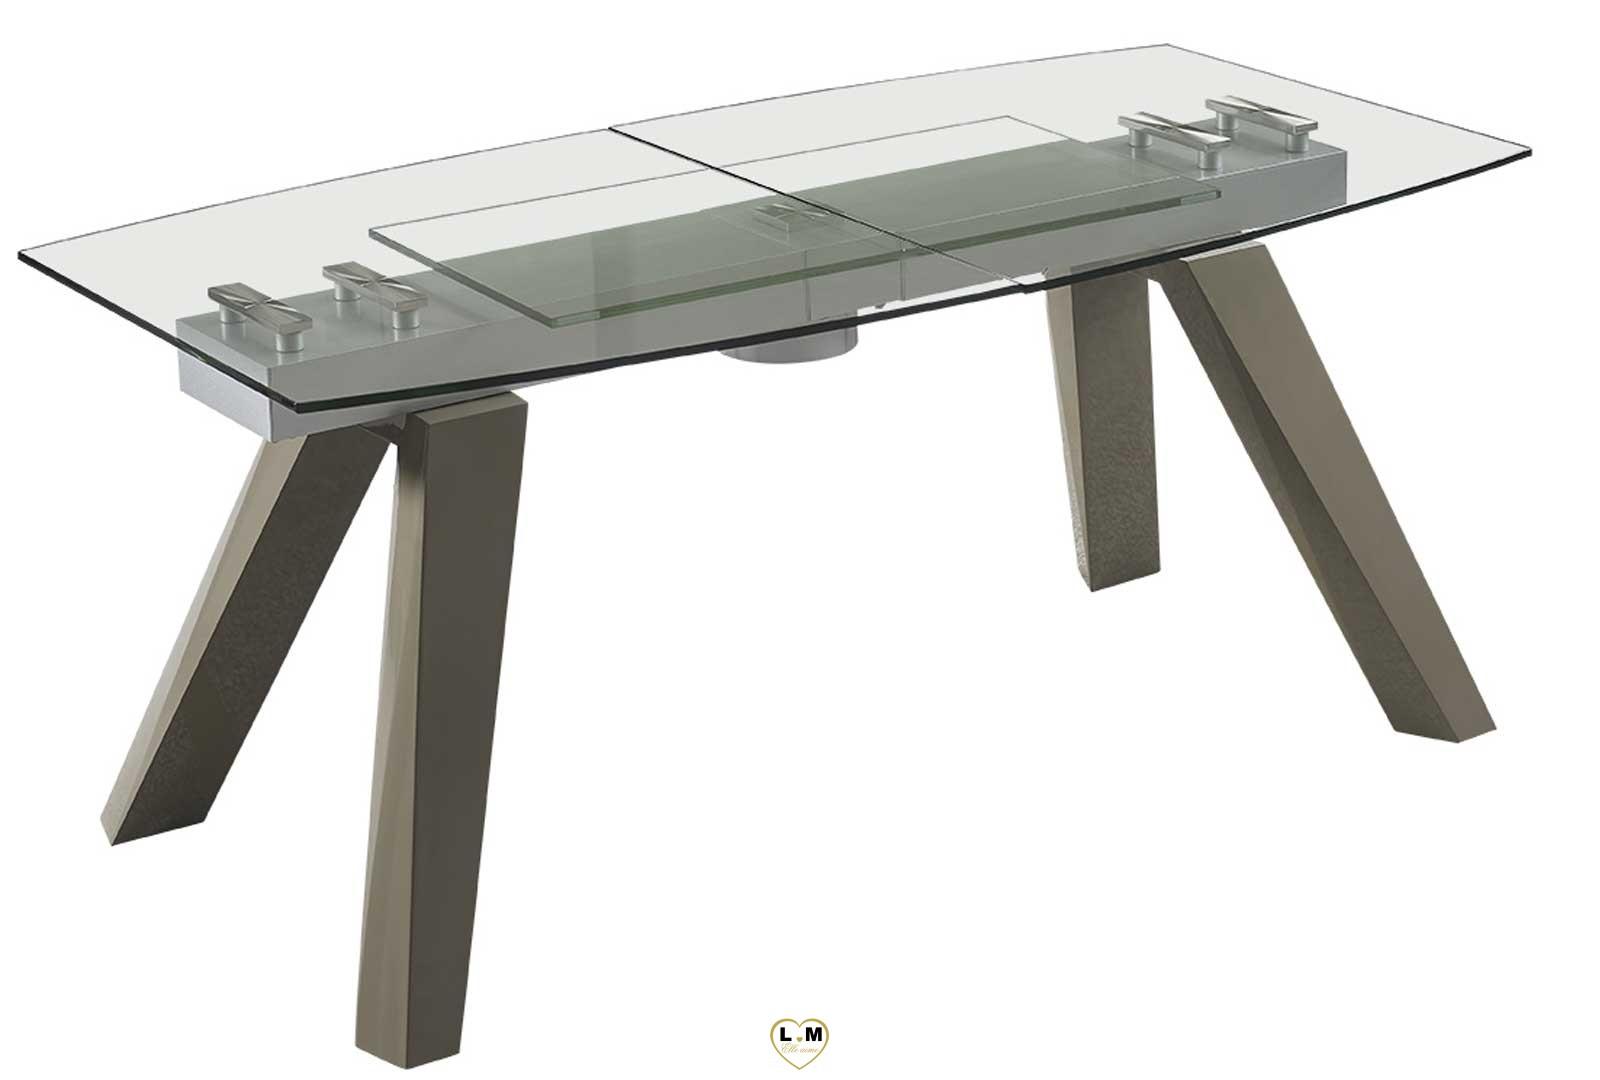 Table Sejour Taupe Et Gris : Trocadero gris taupe table repas verre allonge